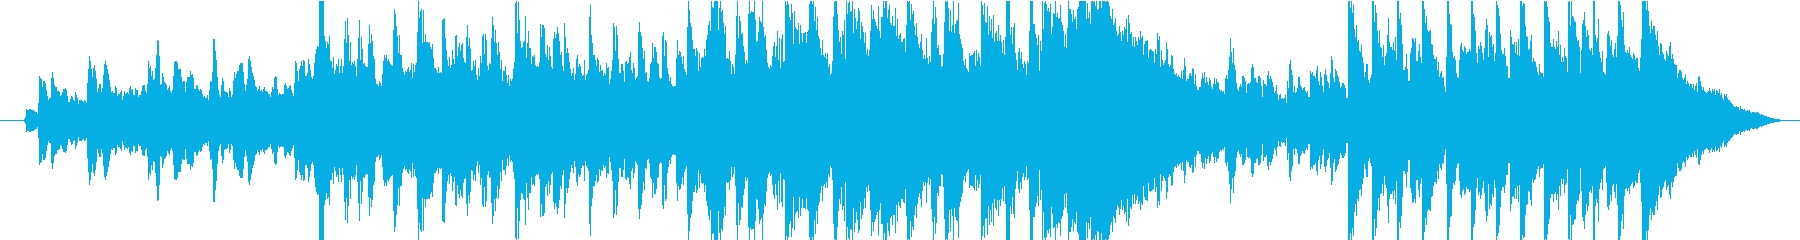 活気のあるポップロックインストゥル...の再生済みの波形